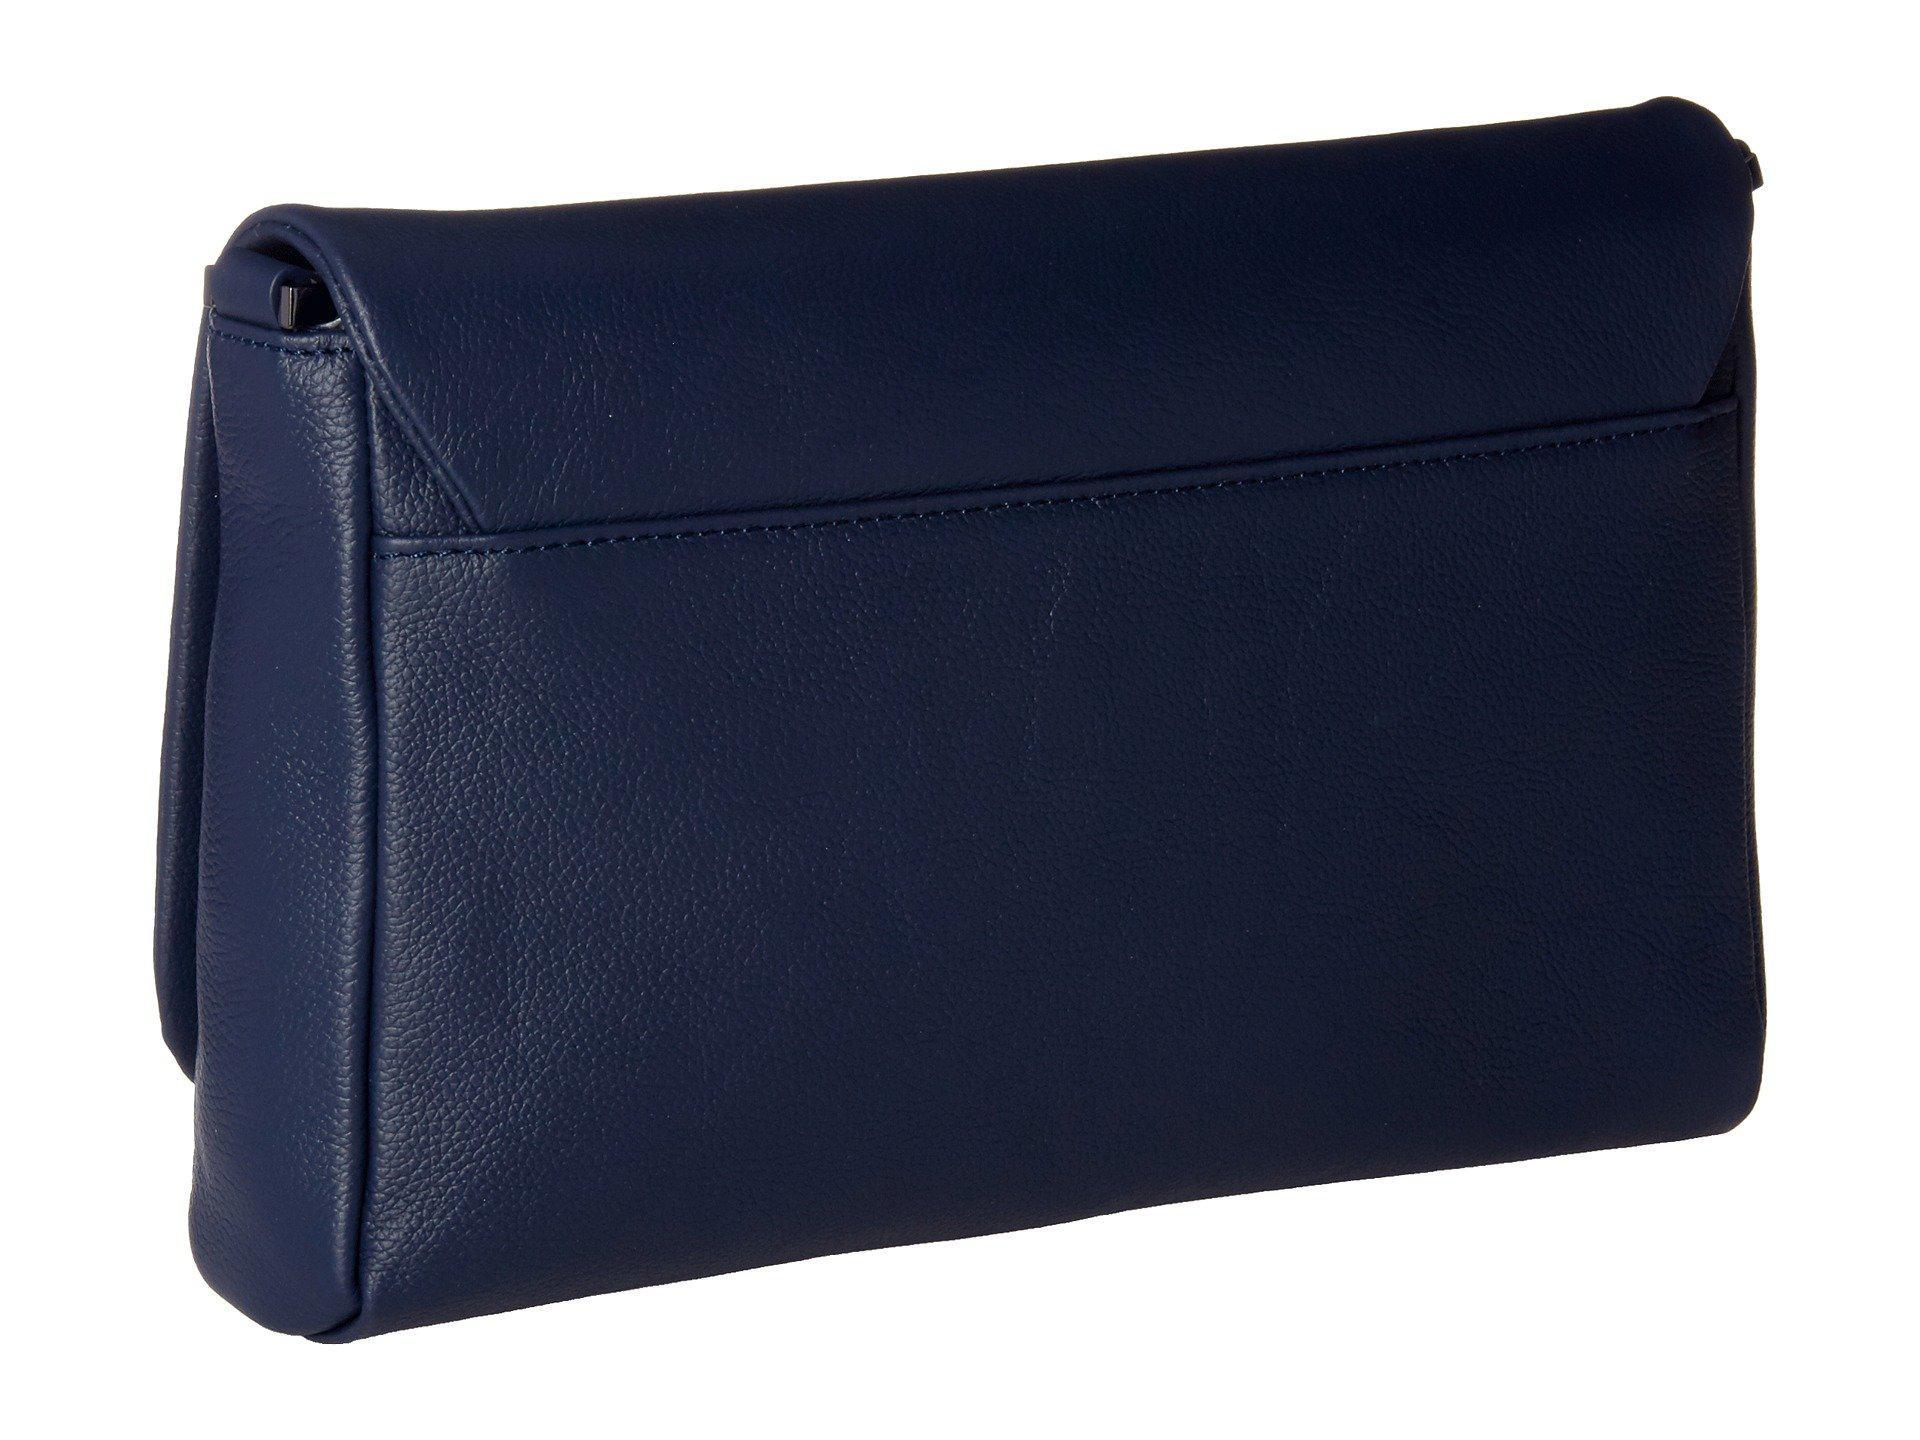 a4a3129b19 Lyst - Lipault Plume Elegance Leather Medium Clutch Bag (navy ...